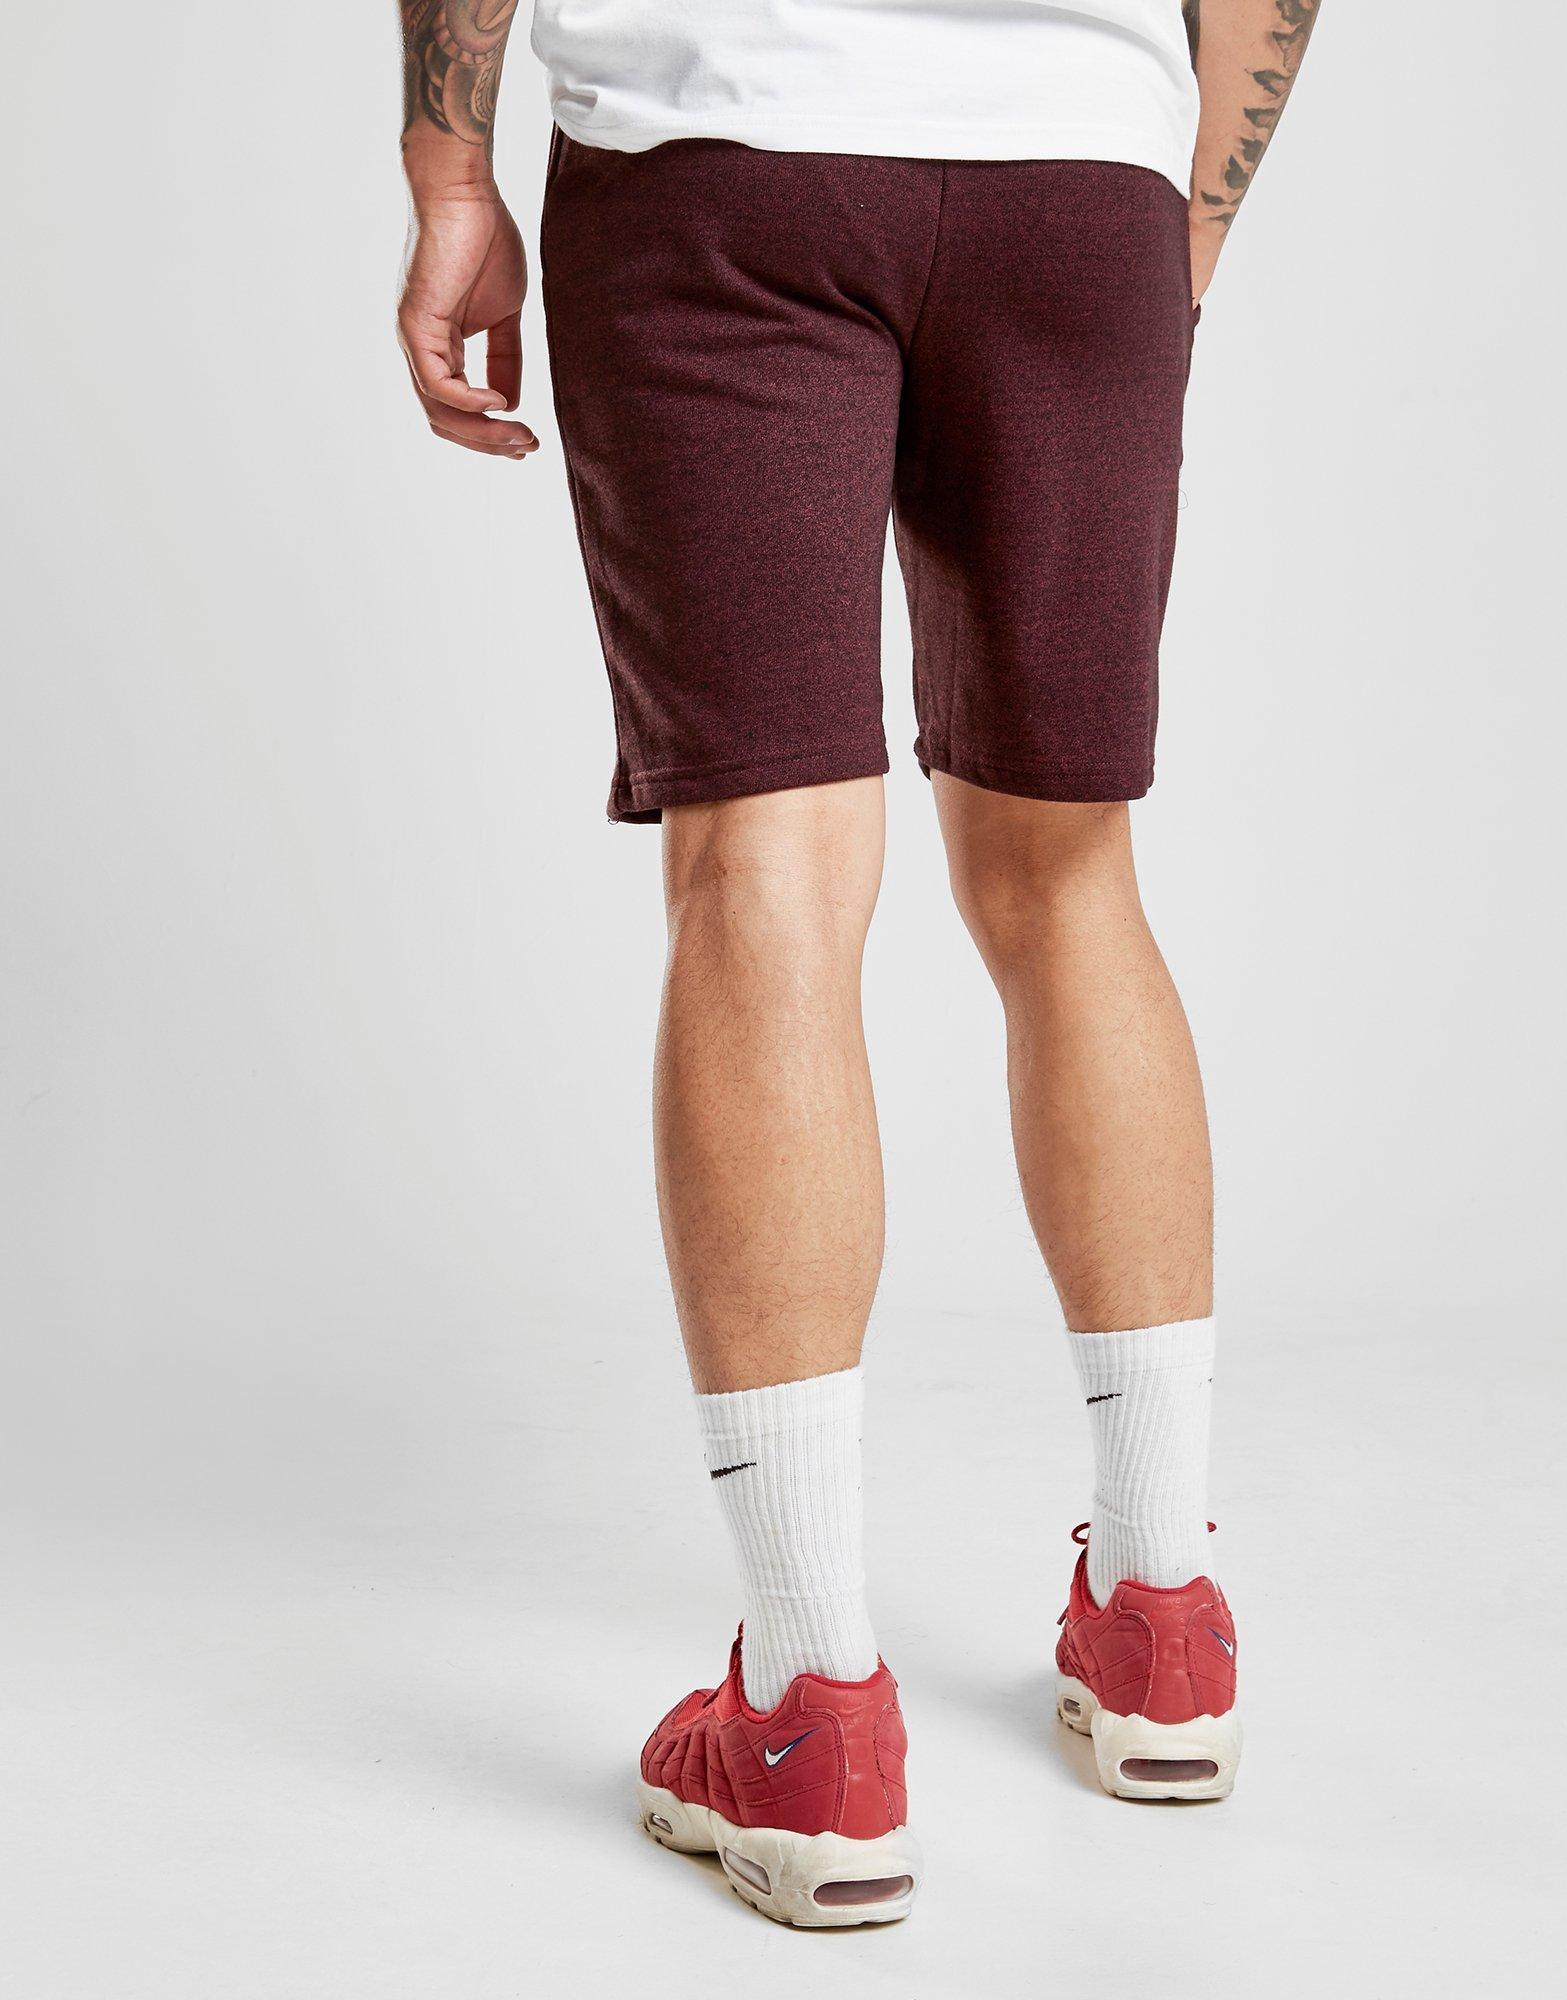 Nike Air Max 90 Bogle Rojo De Ultra Esencial